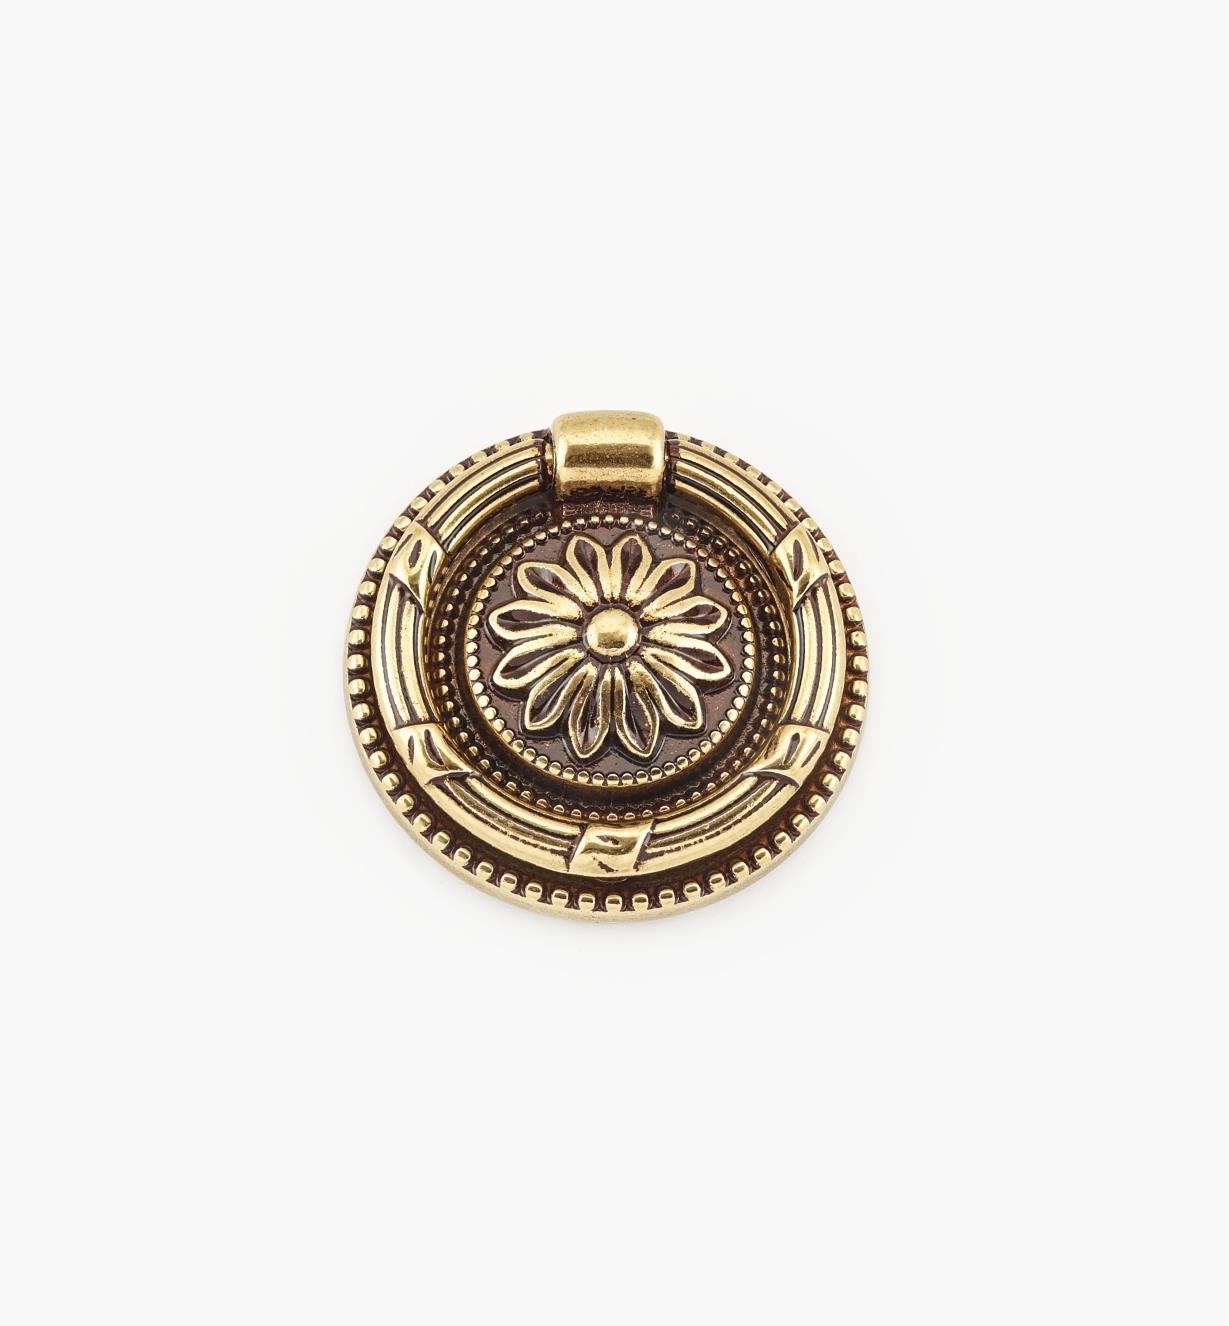 01A7411 - Poignée à anneau sur platine de 47 mm,quincaillerie LouisXVI, sérieVI